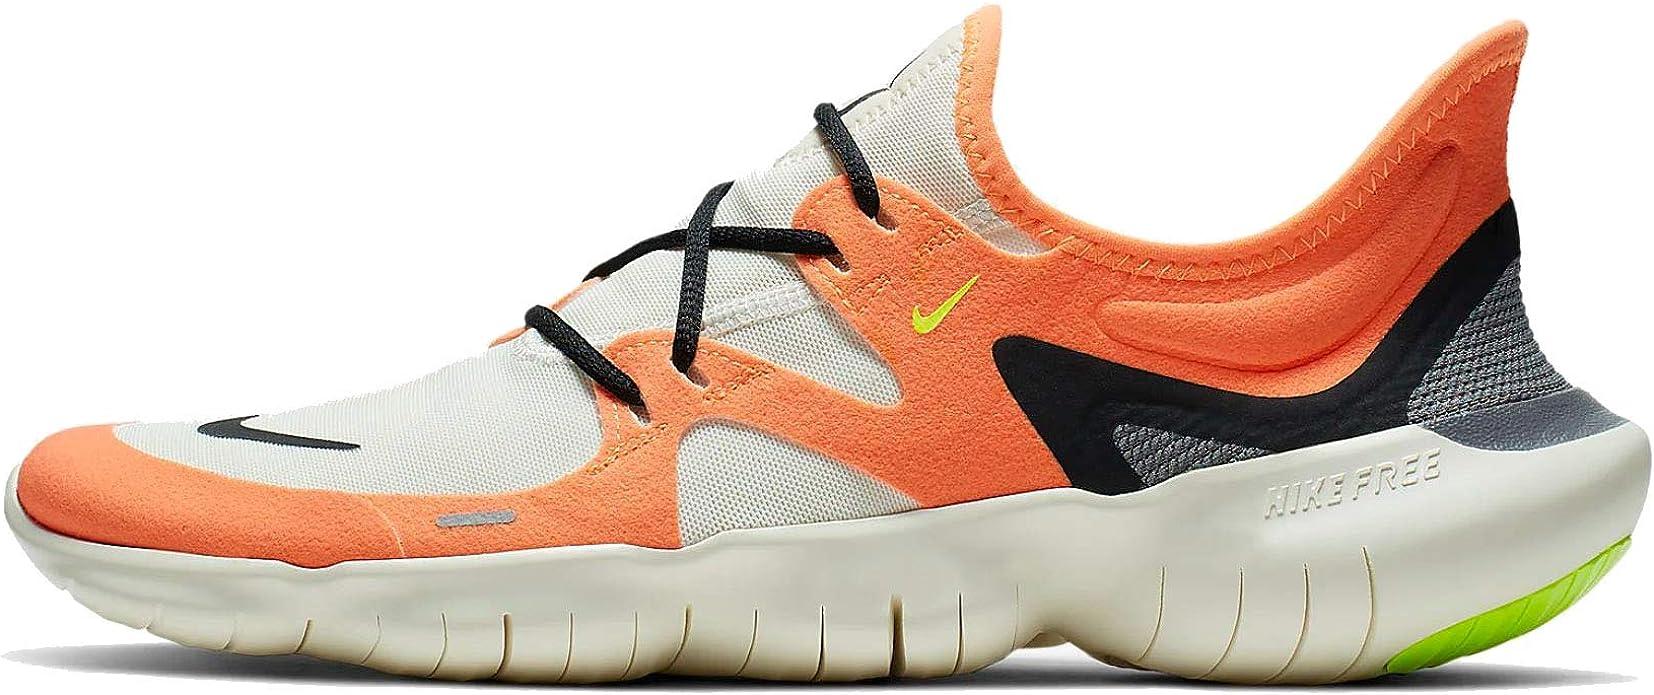 Nike Free Rn 5.0 Nrg Mens Ci0811-808